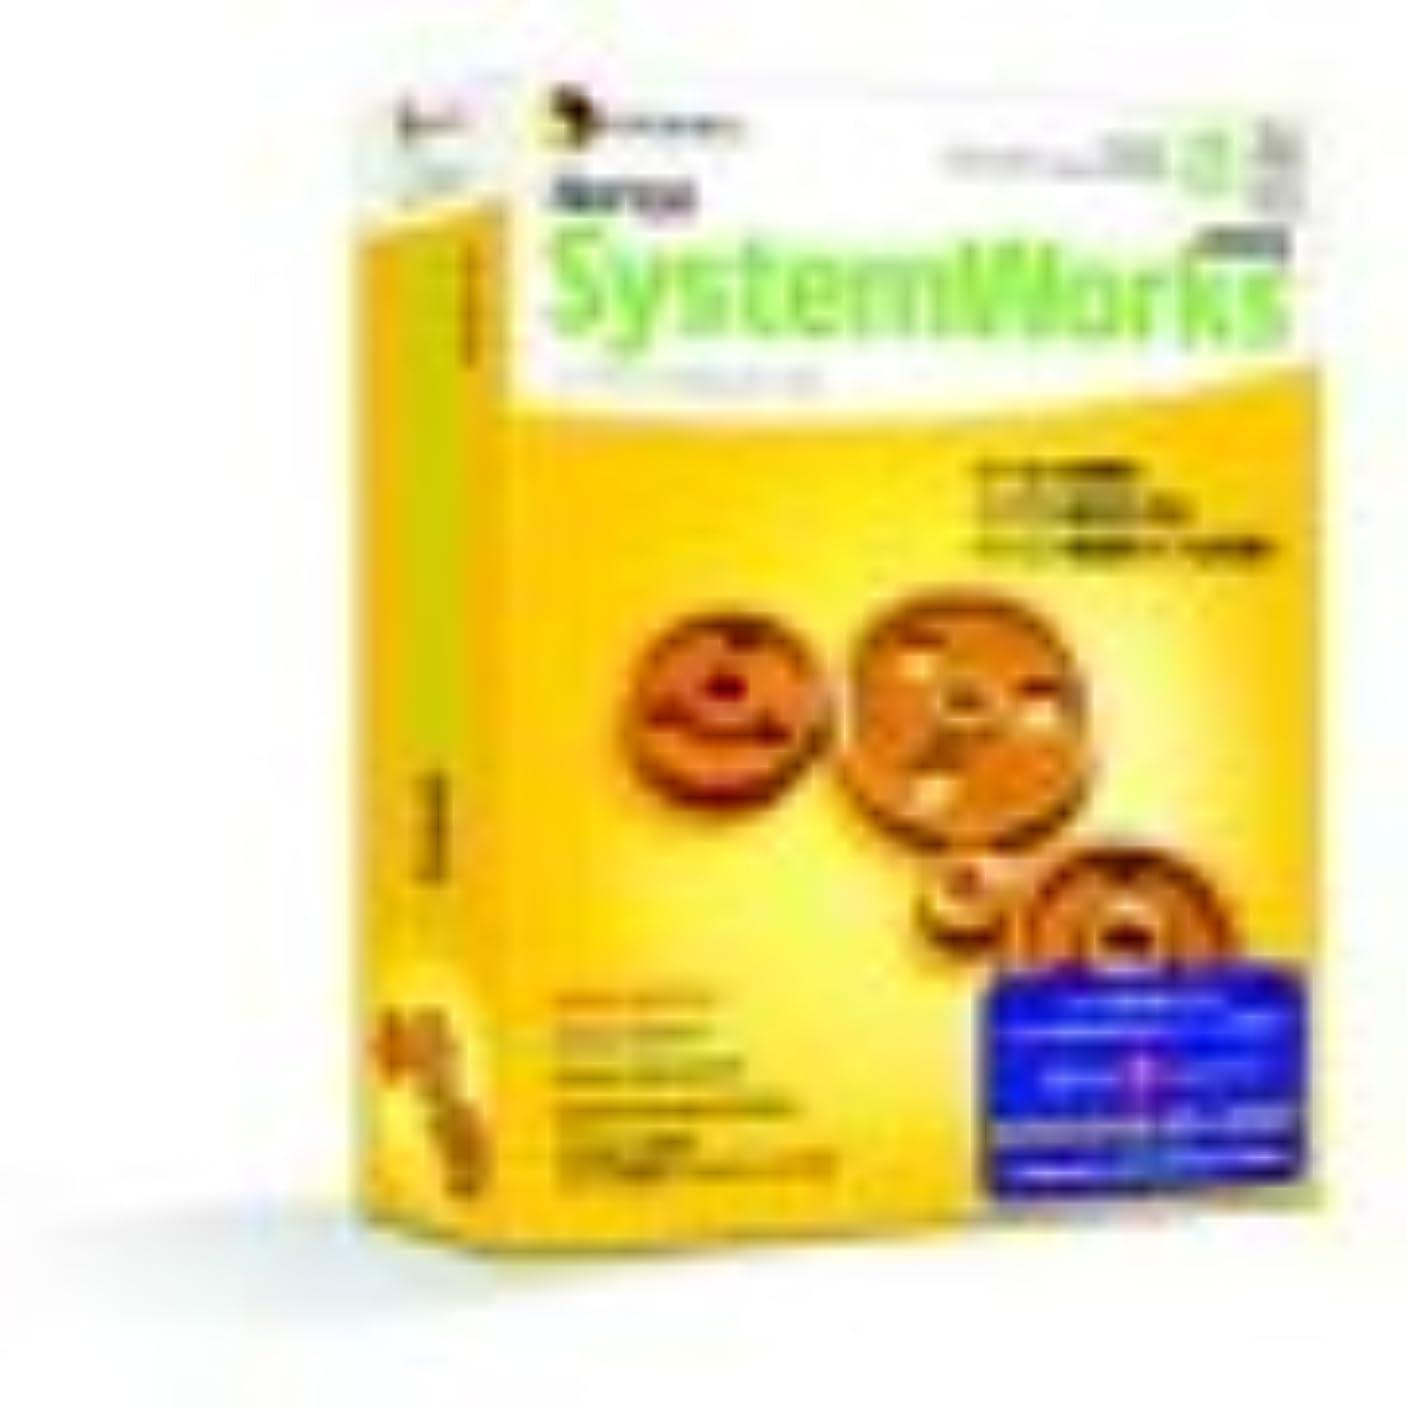 テープモジュール生き物ノートン?システムワークス 2003